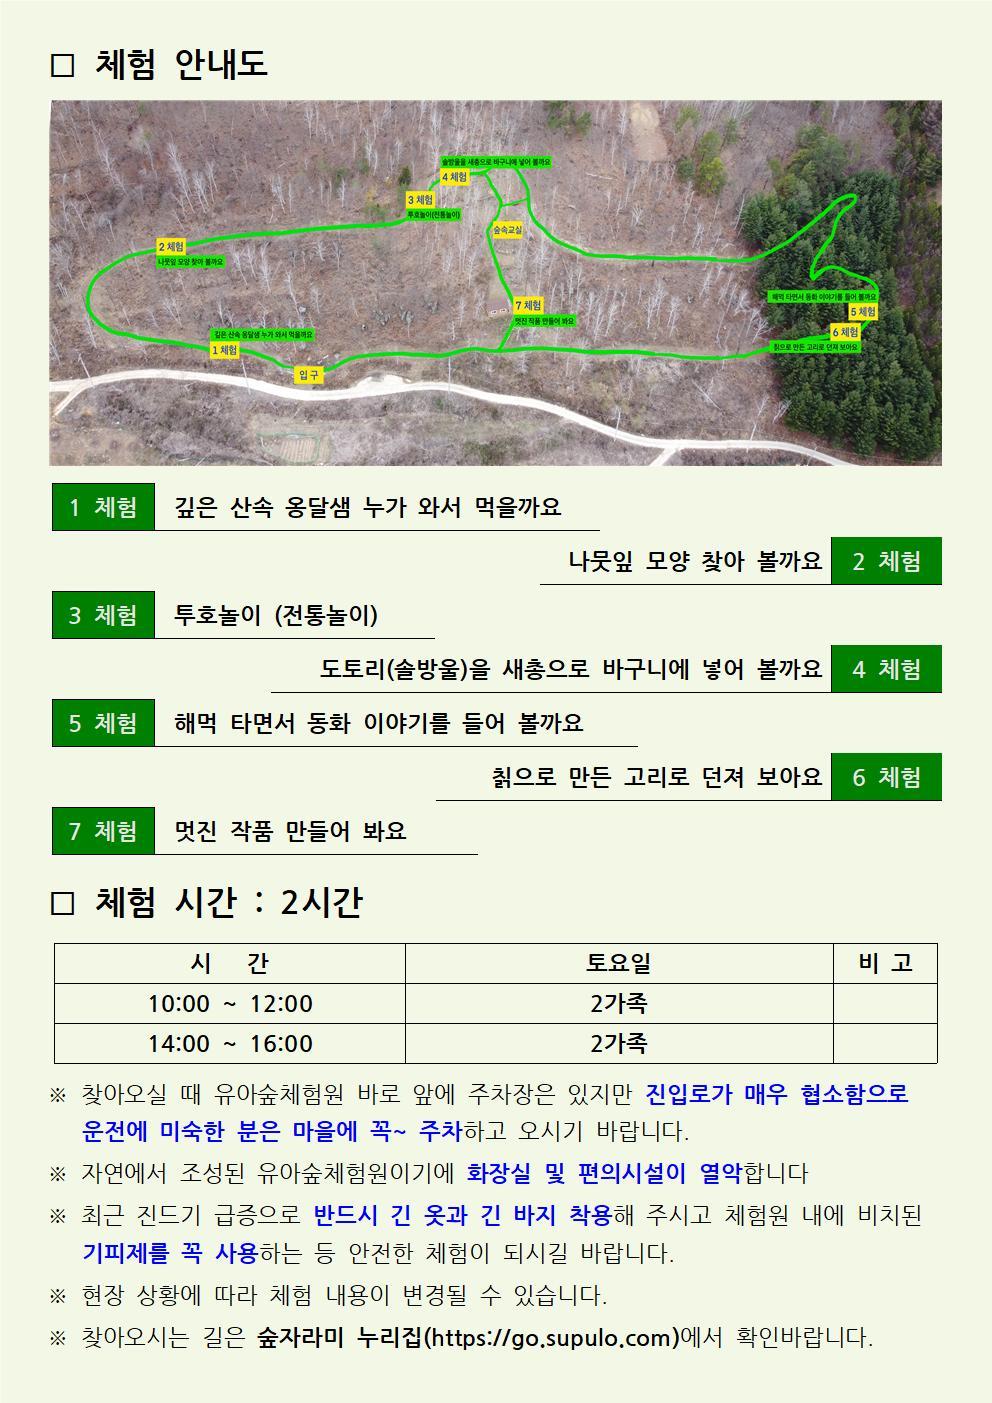 숲 체험 실시 안내문 토요일_배포용002.jpg